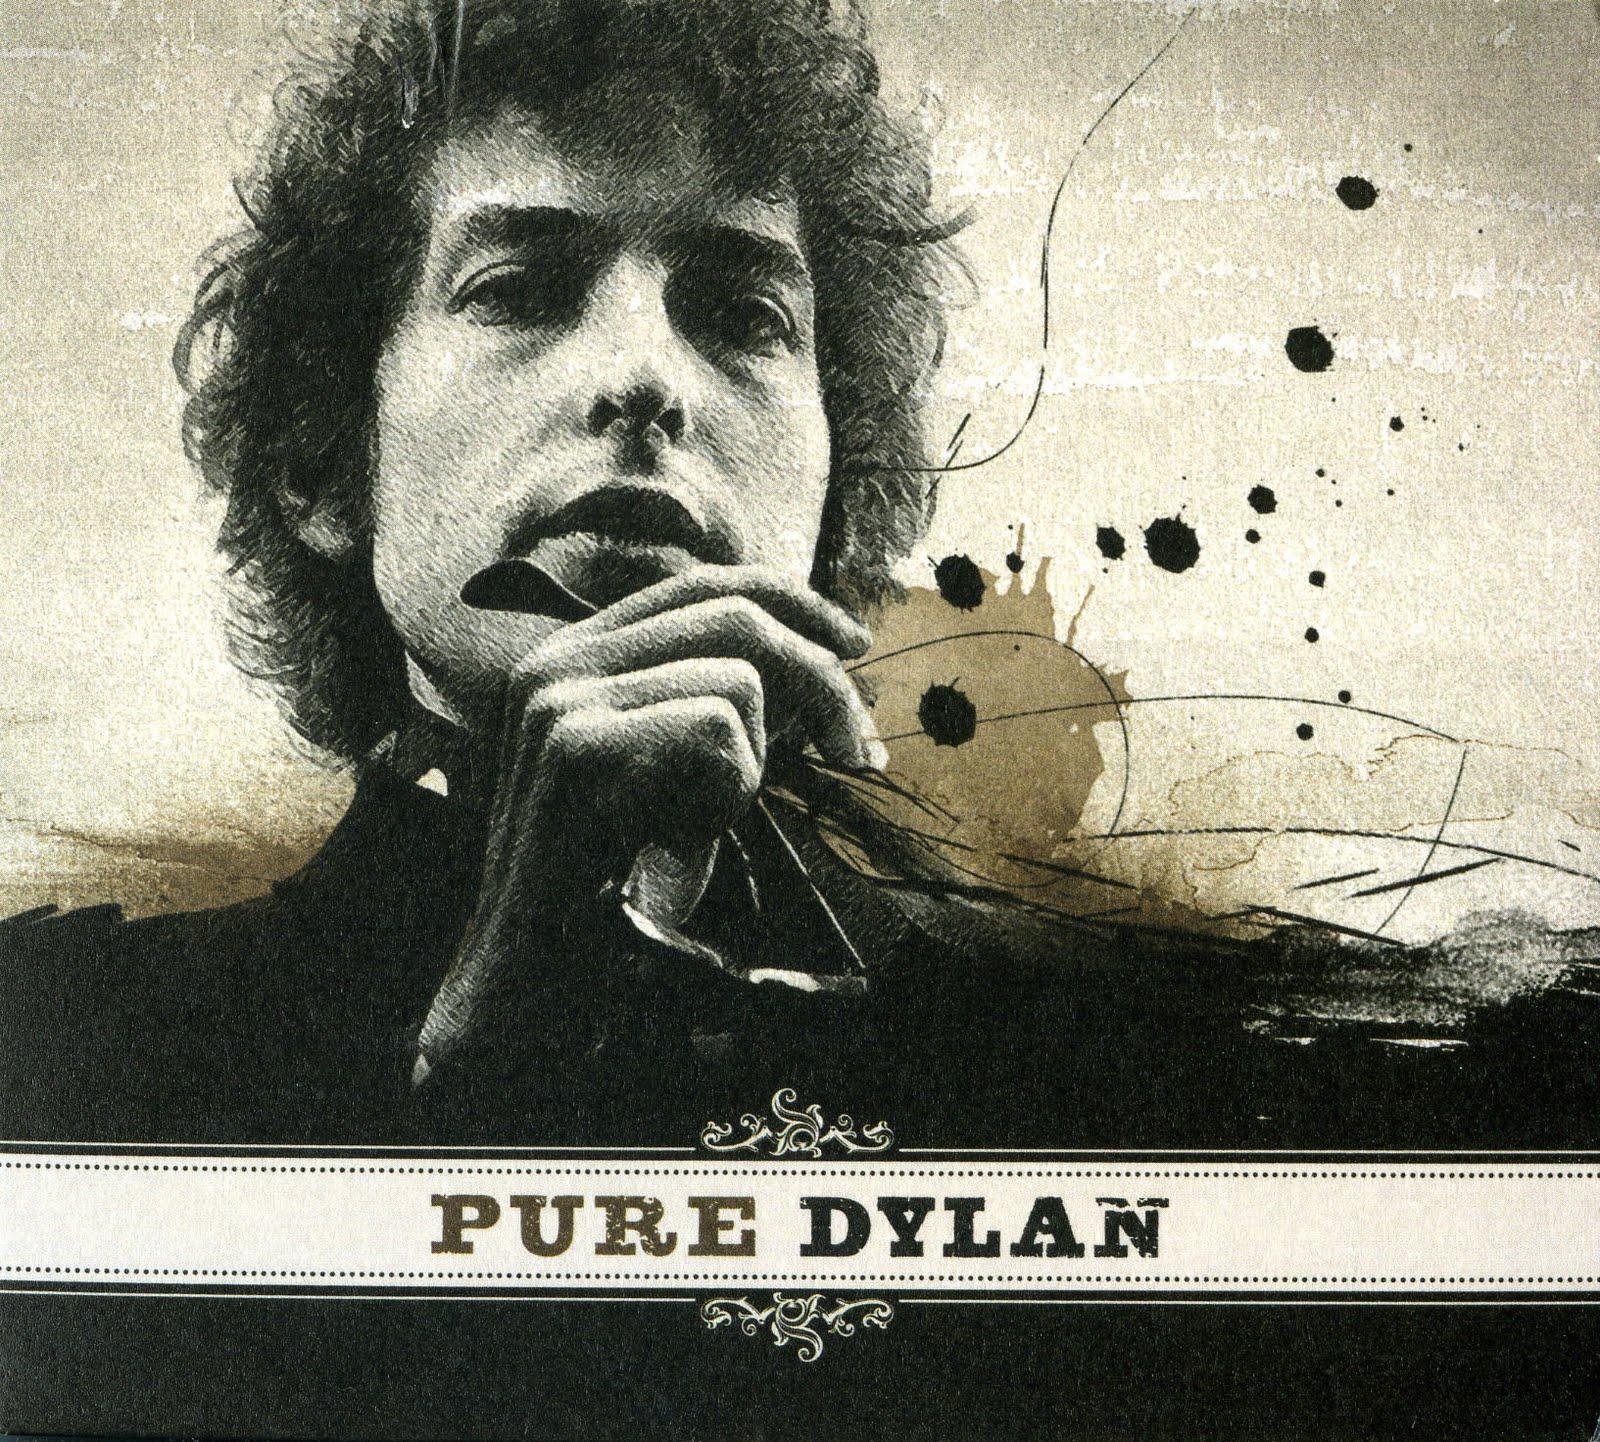 Twee pikken voor Dylan